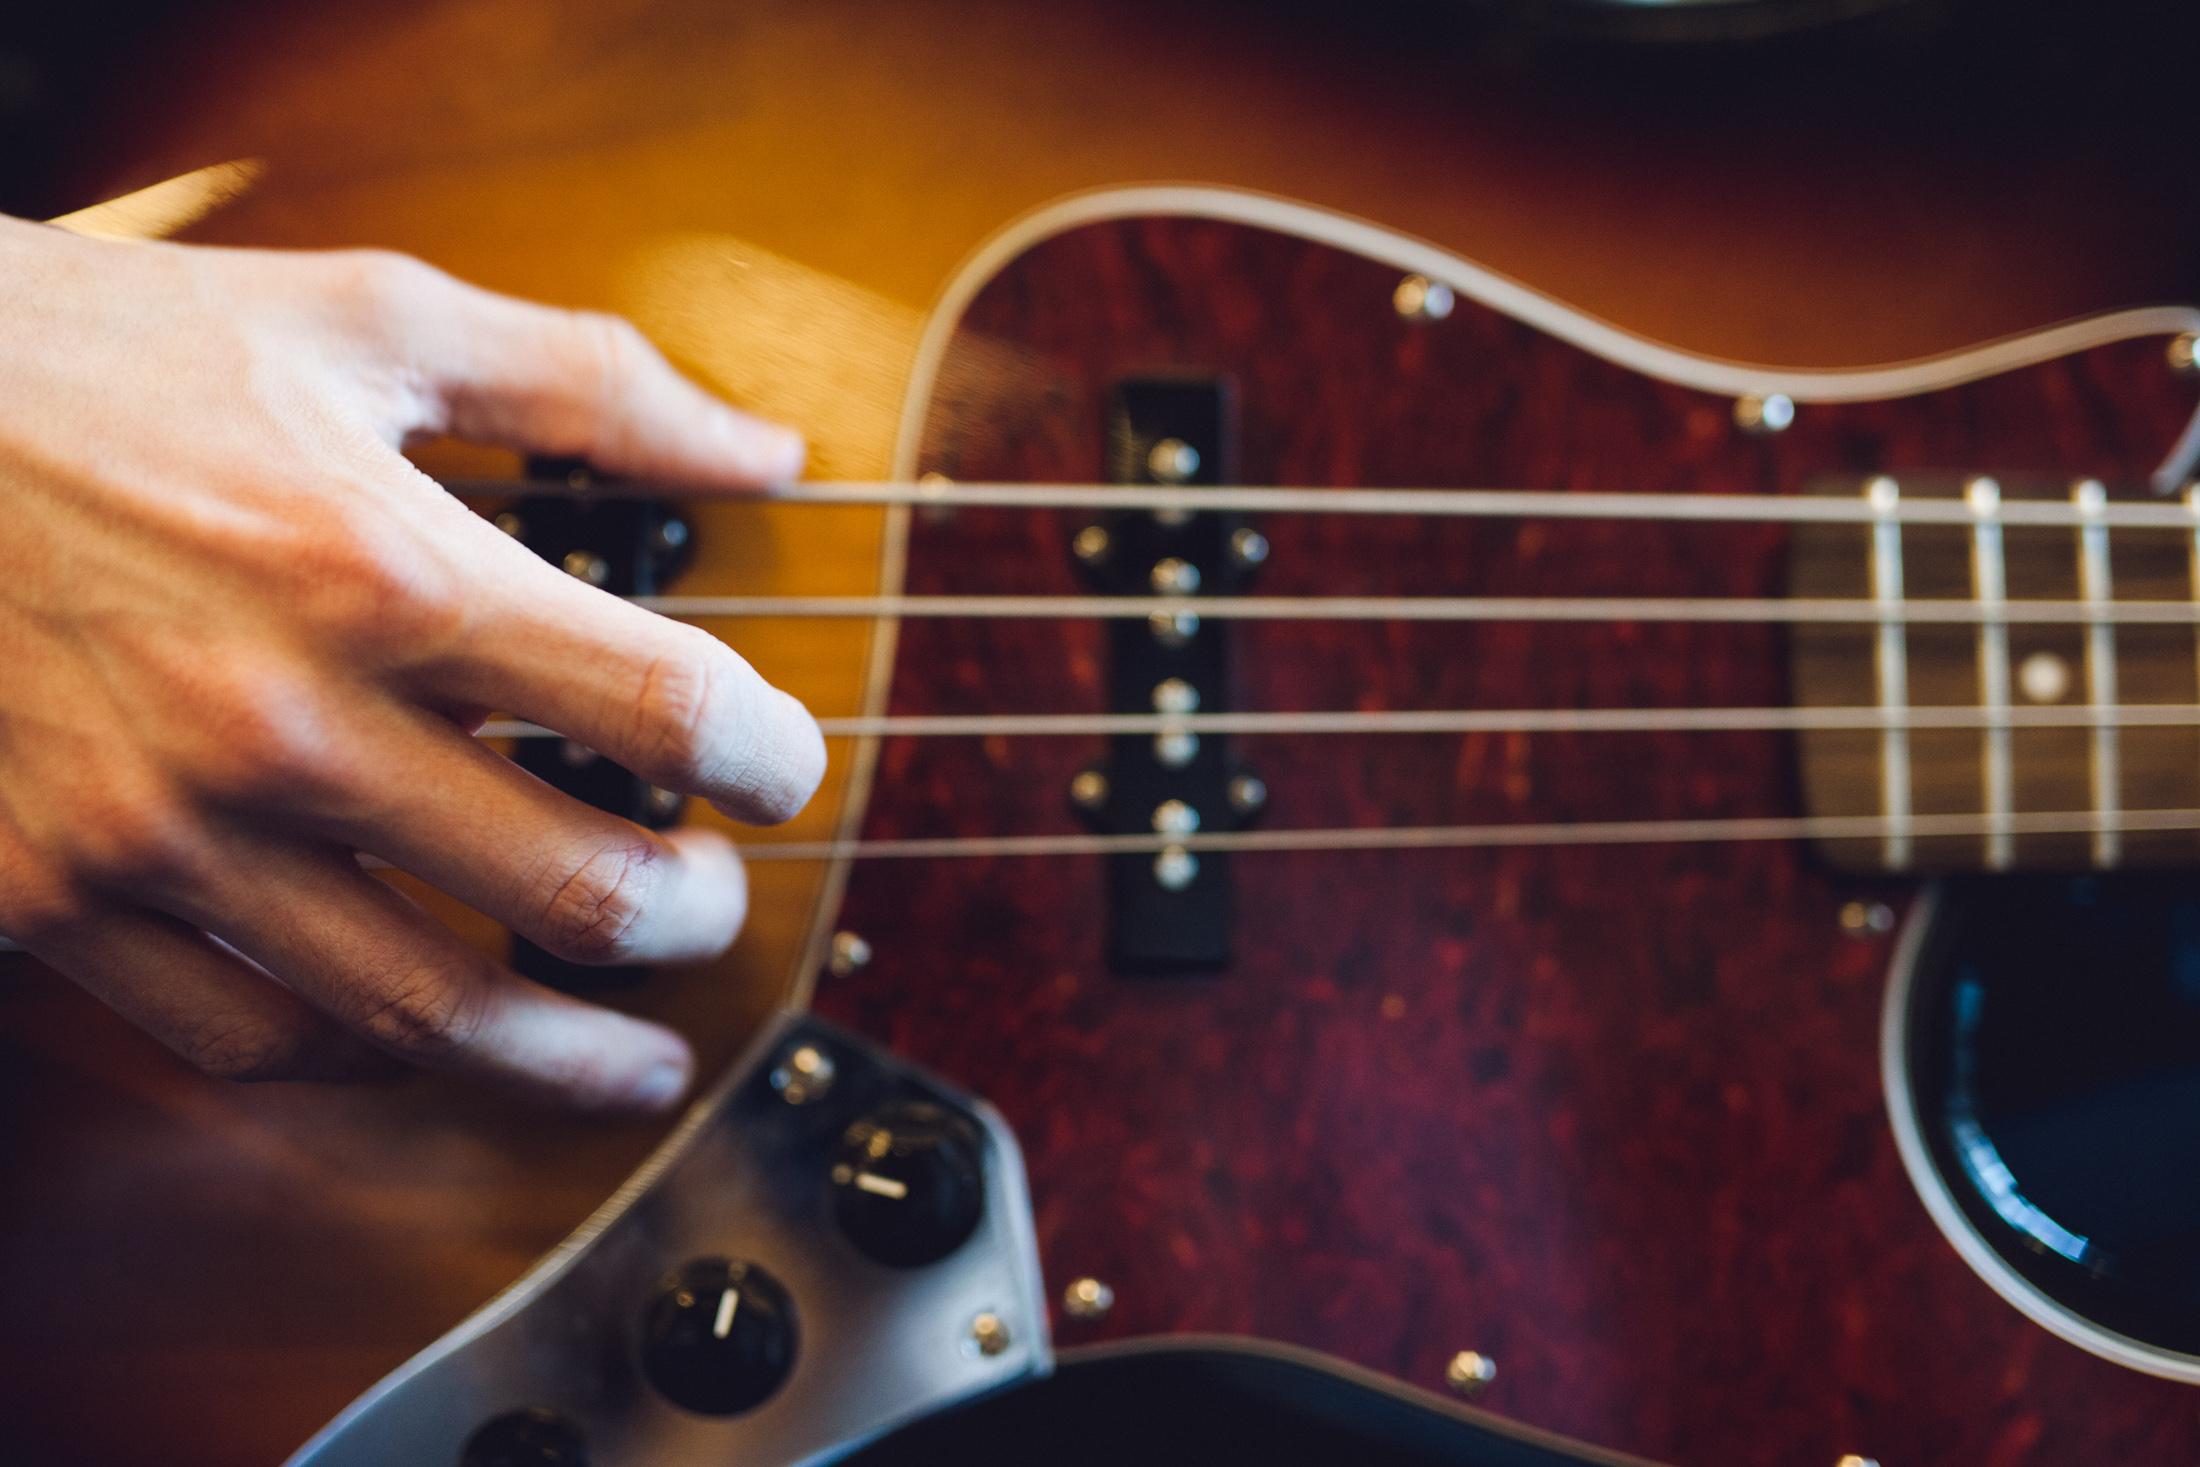 Nærfoto af hånd, der spiller guitar.